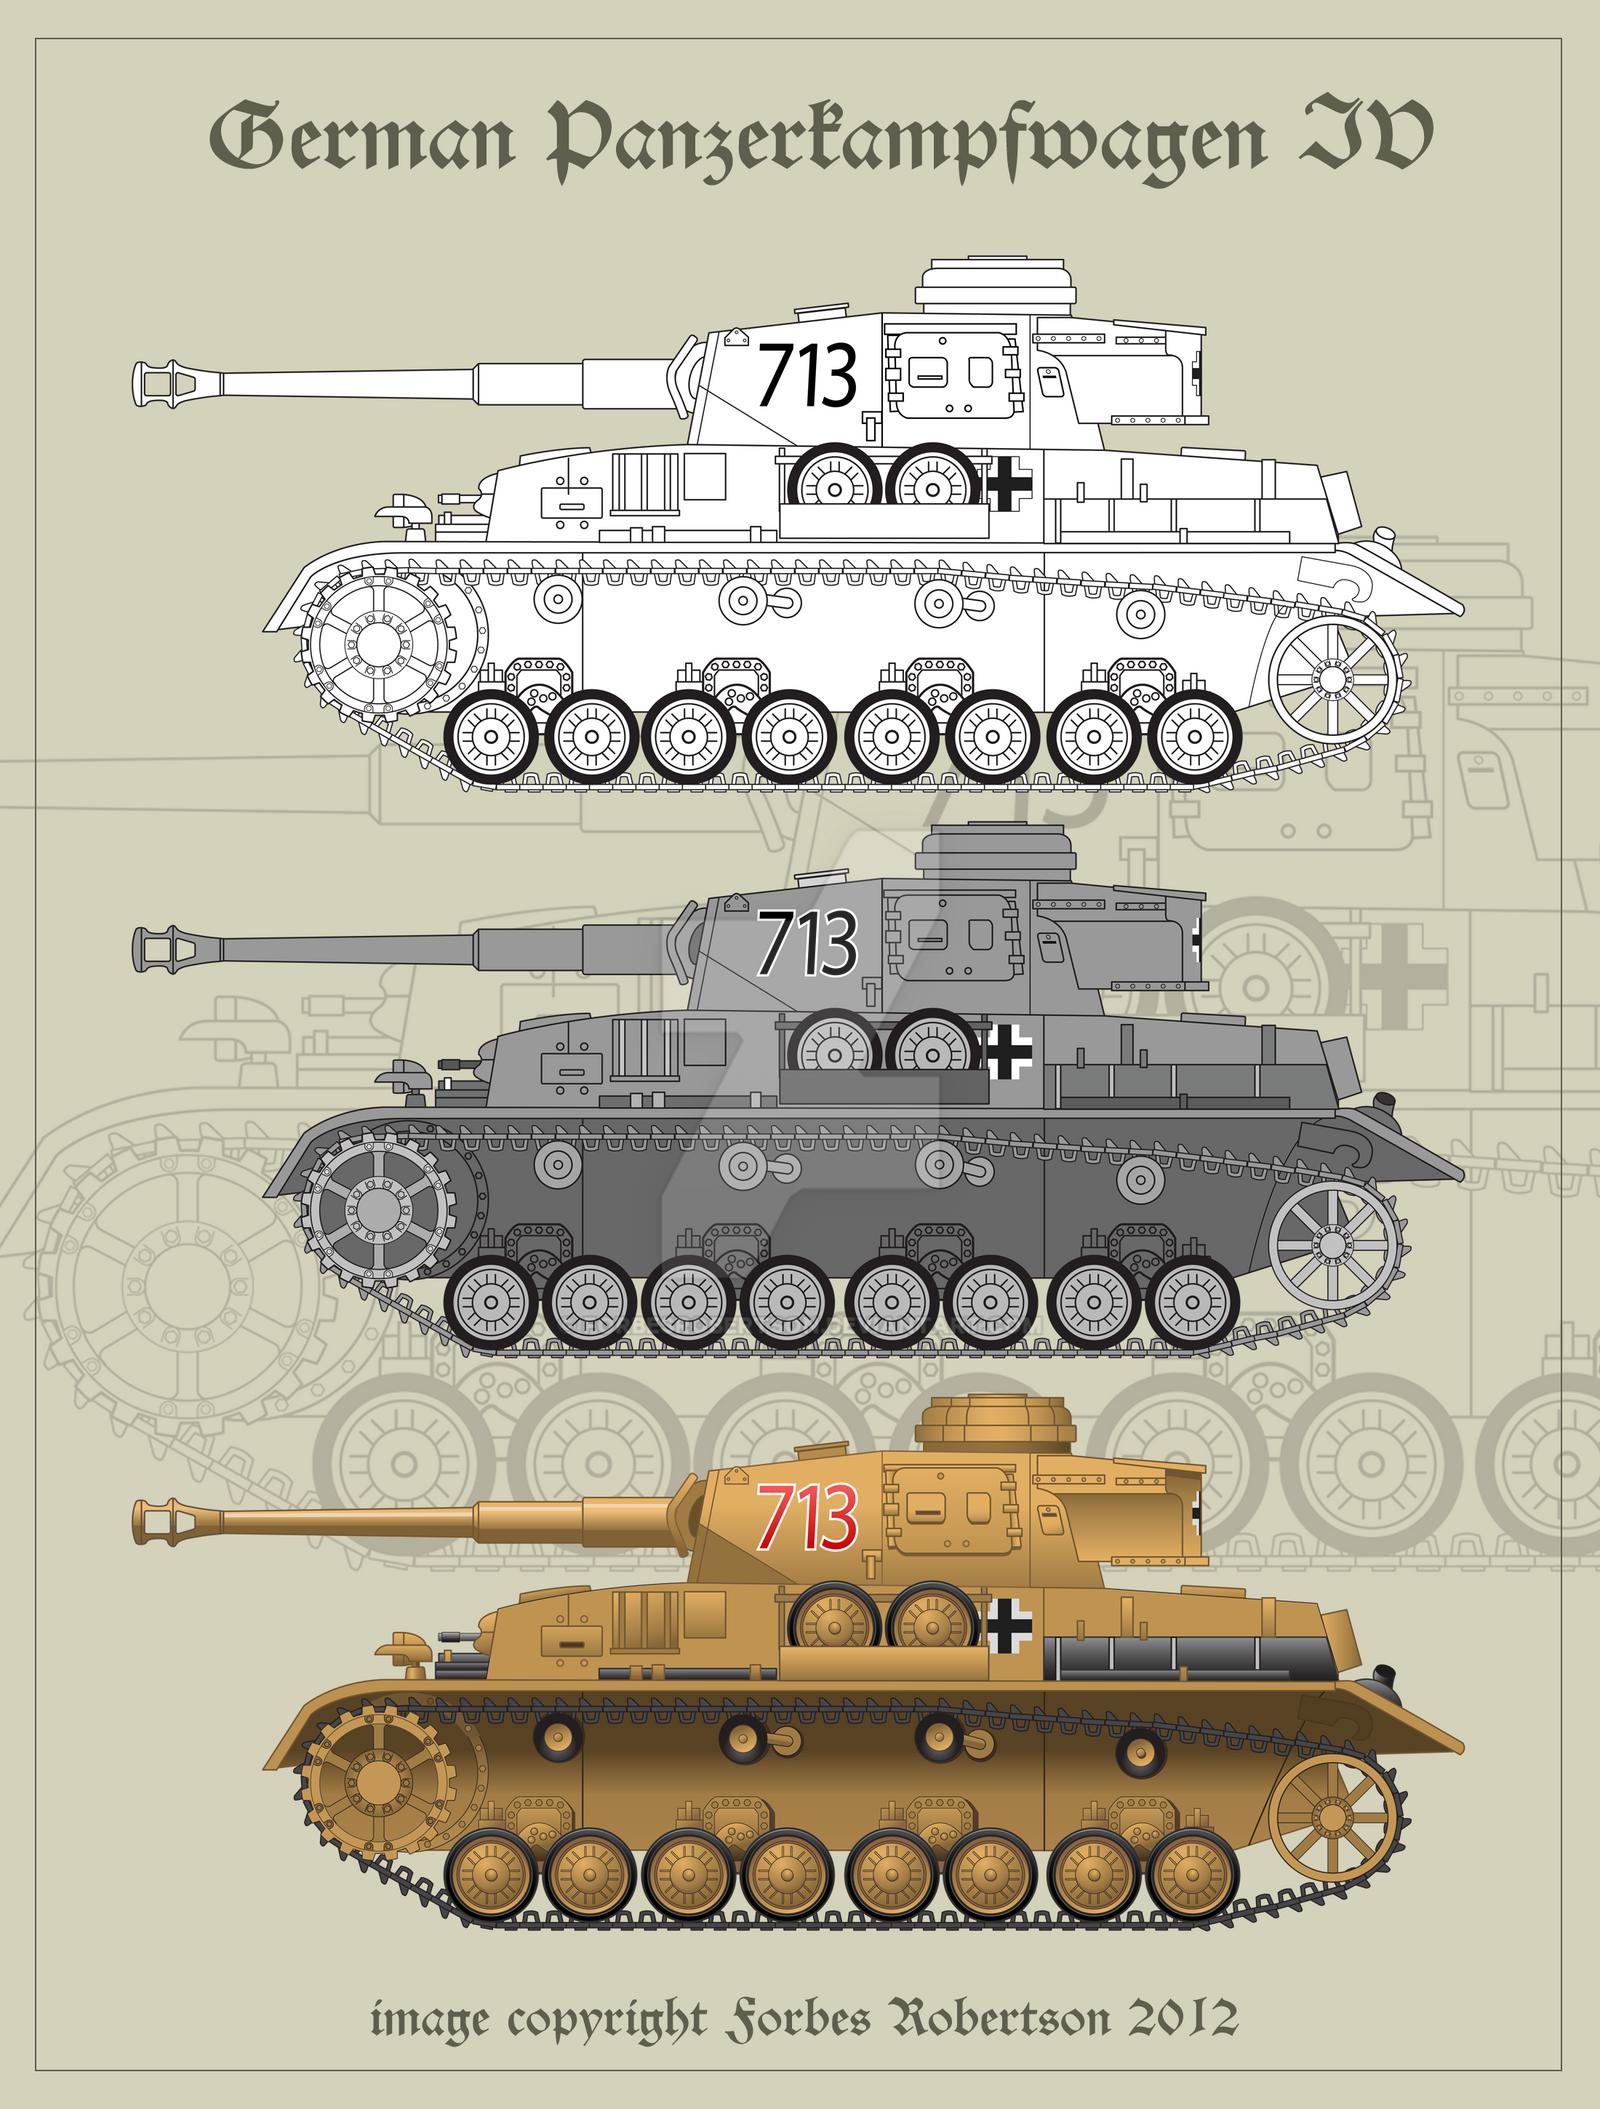 Panzerkampfwagen IV - Vector by forbesrobertson